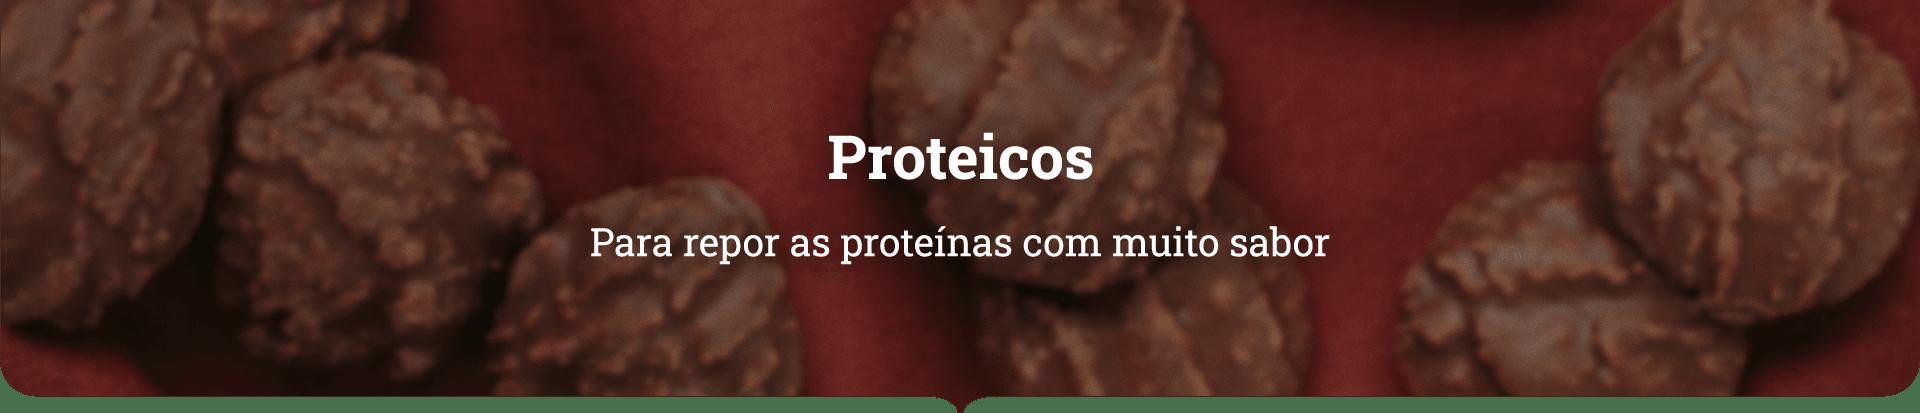 proteicos